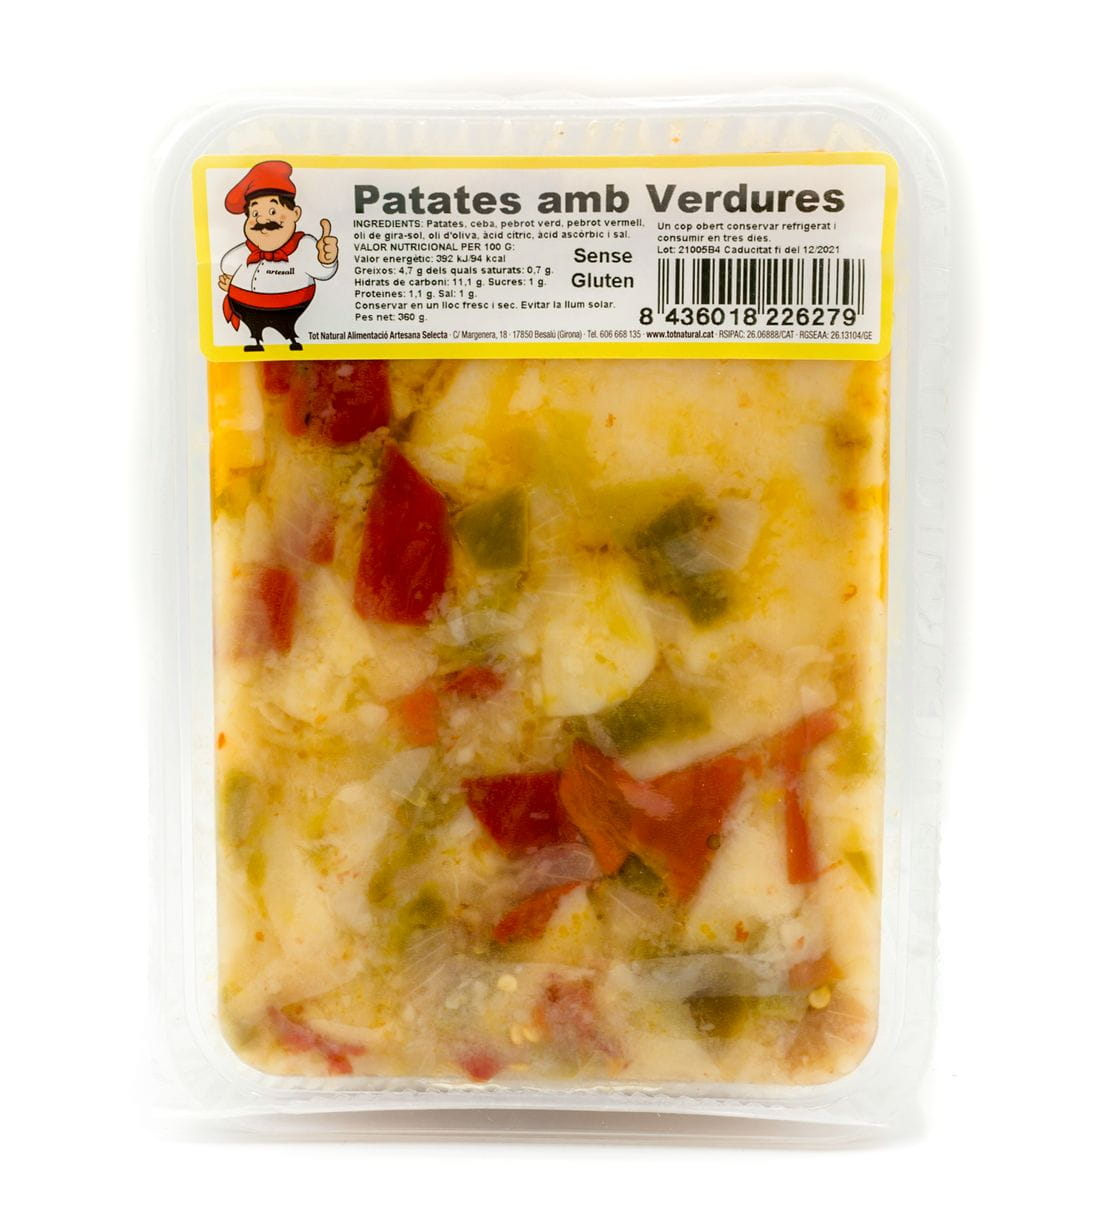 Patates amb Verdures